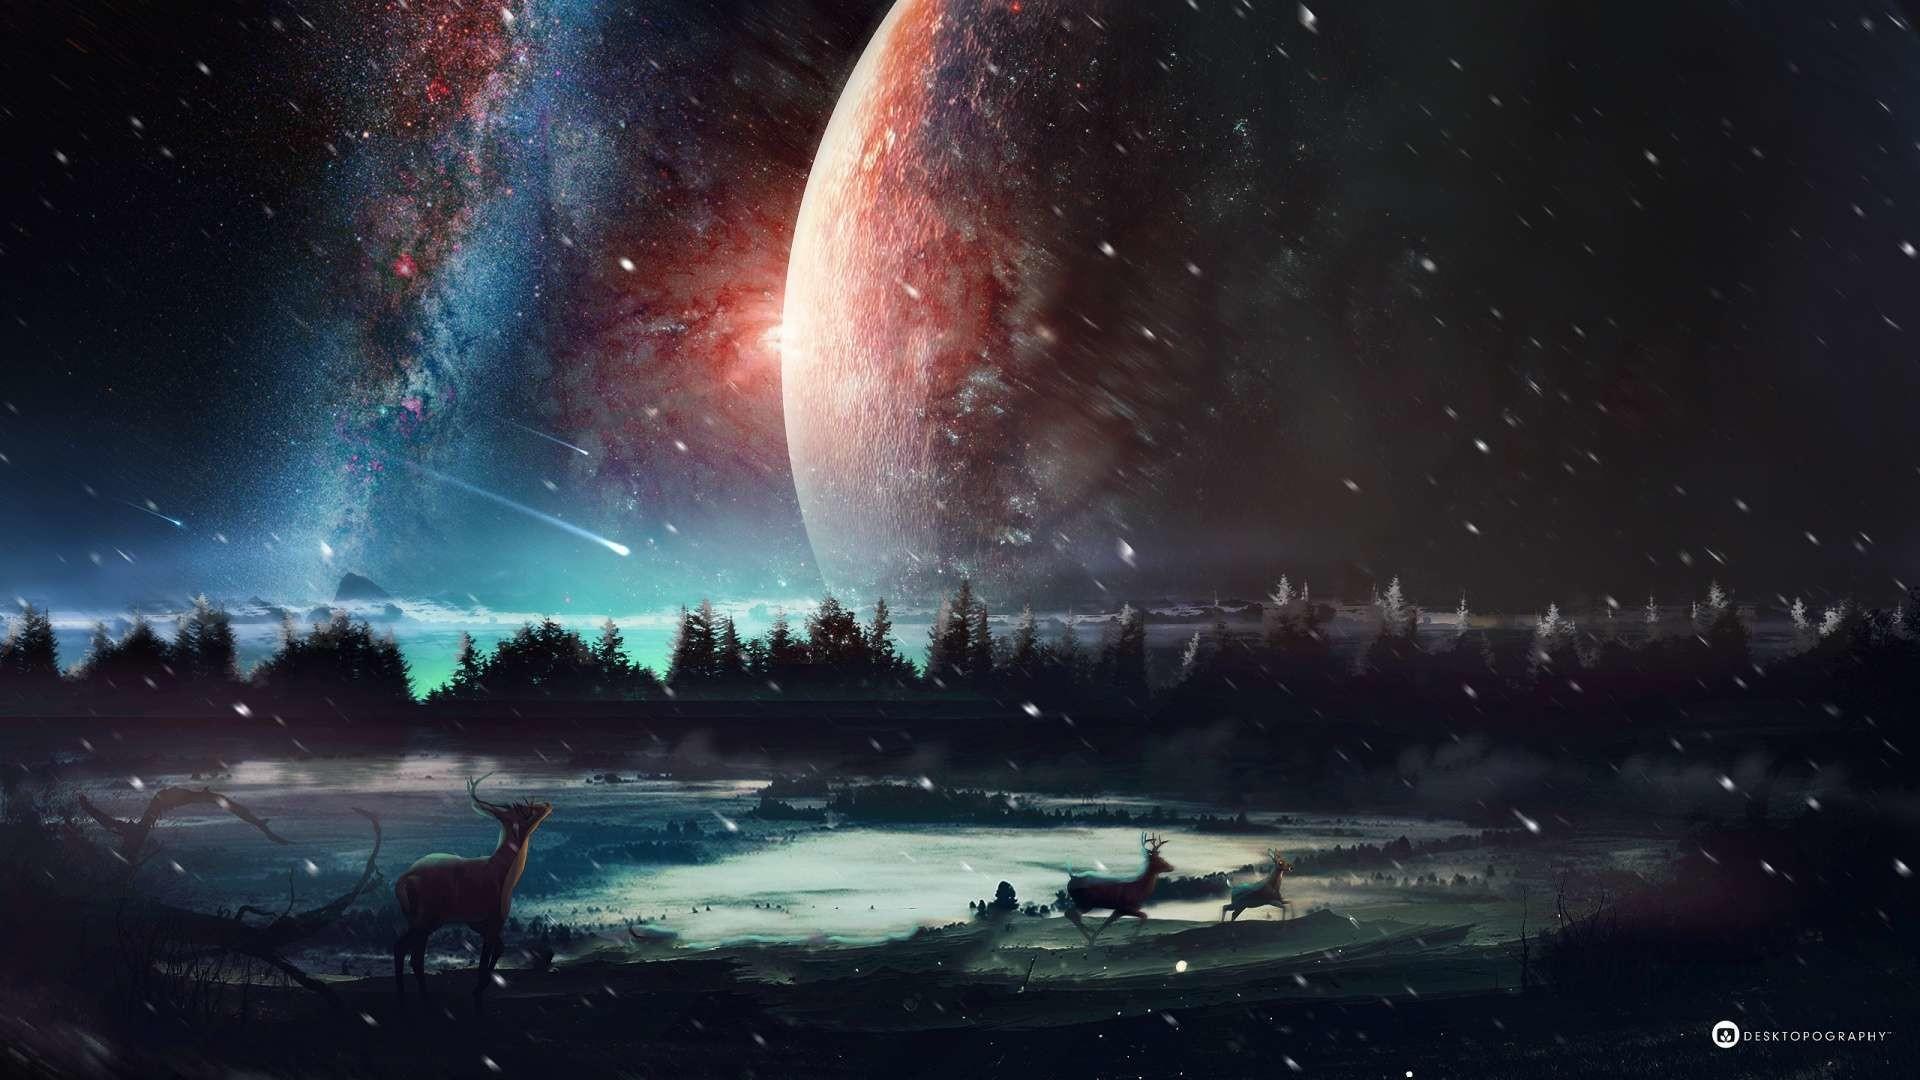 hd universe wallpaper ·①